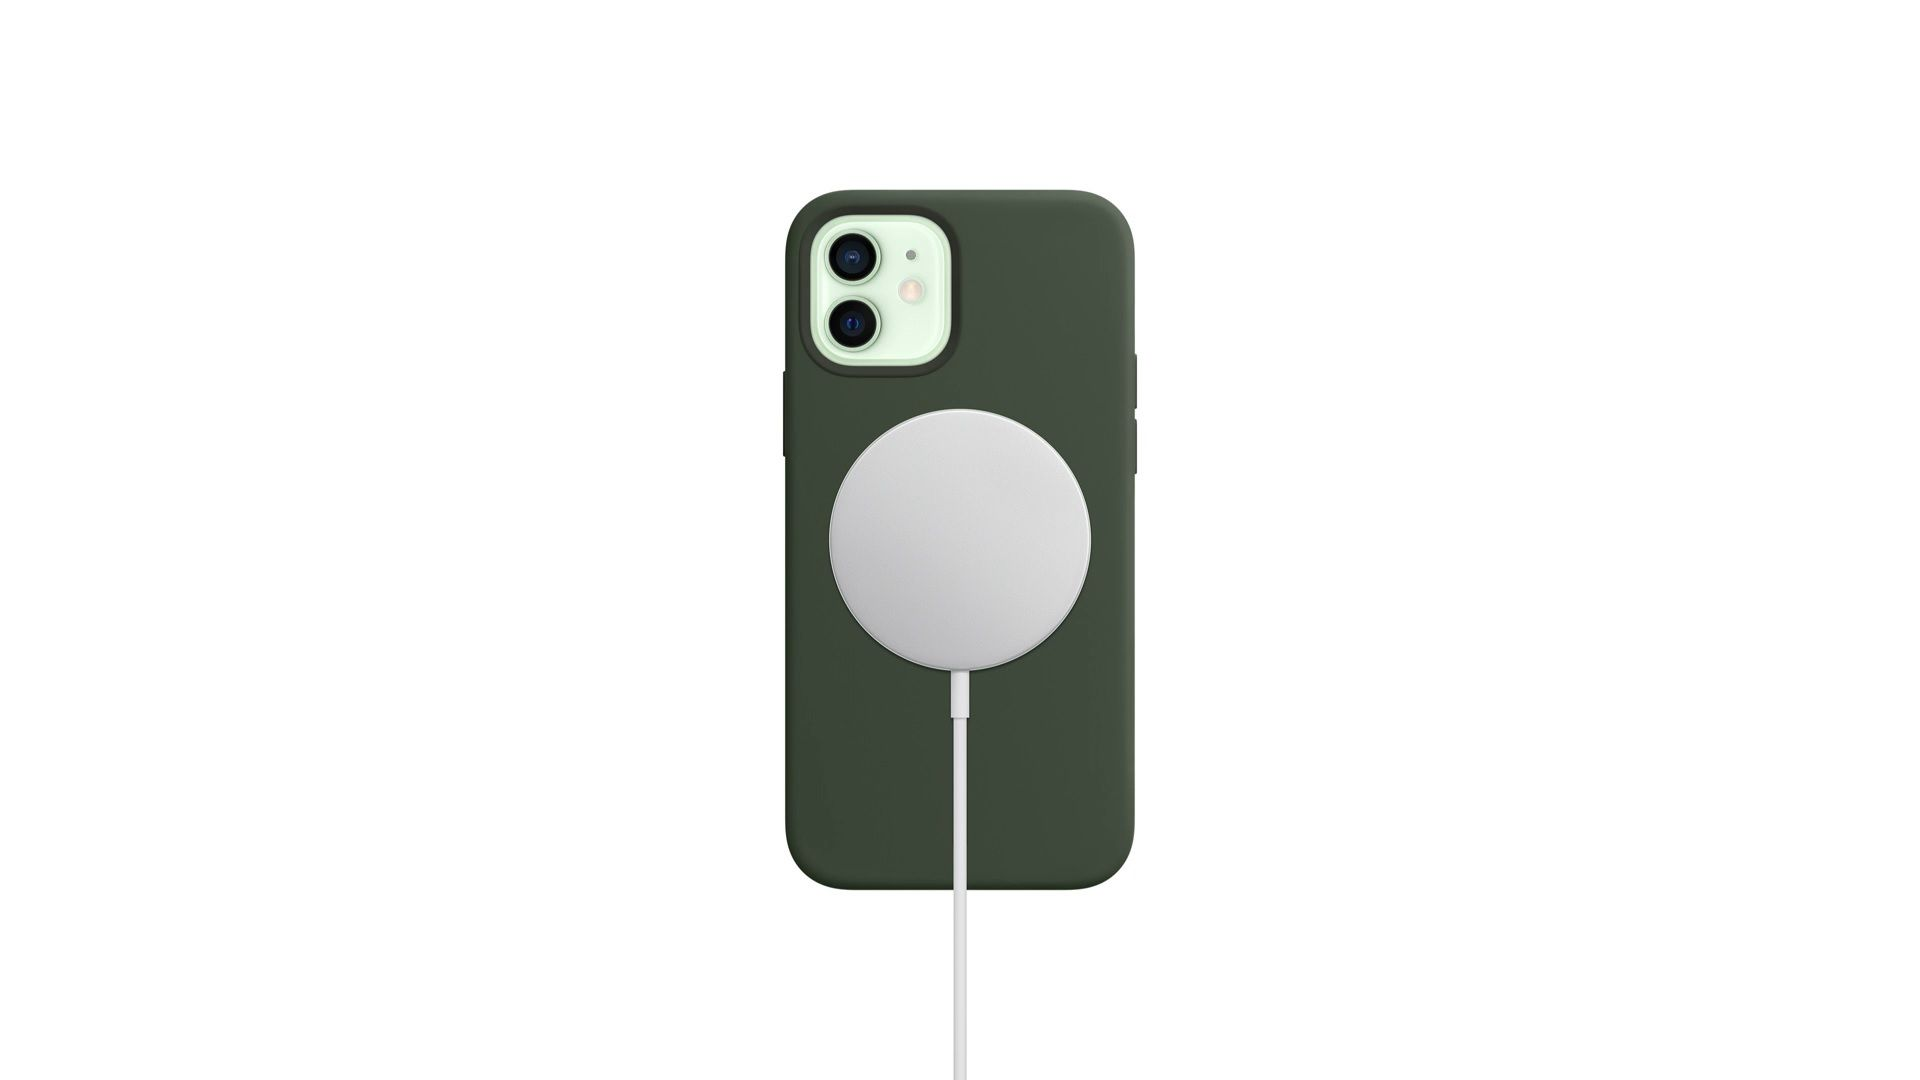 O iPhone 12 conta com carregamento com o recurso MagSafe (Foto: Divulgação/Apple)